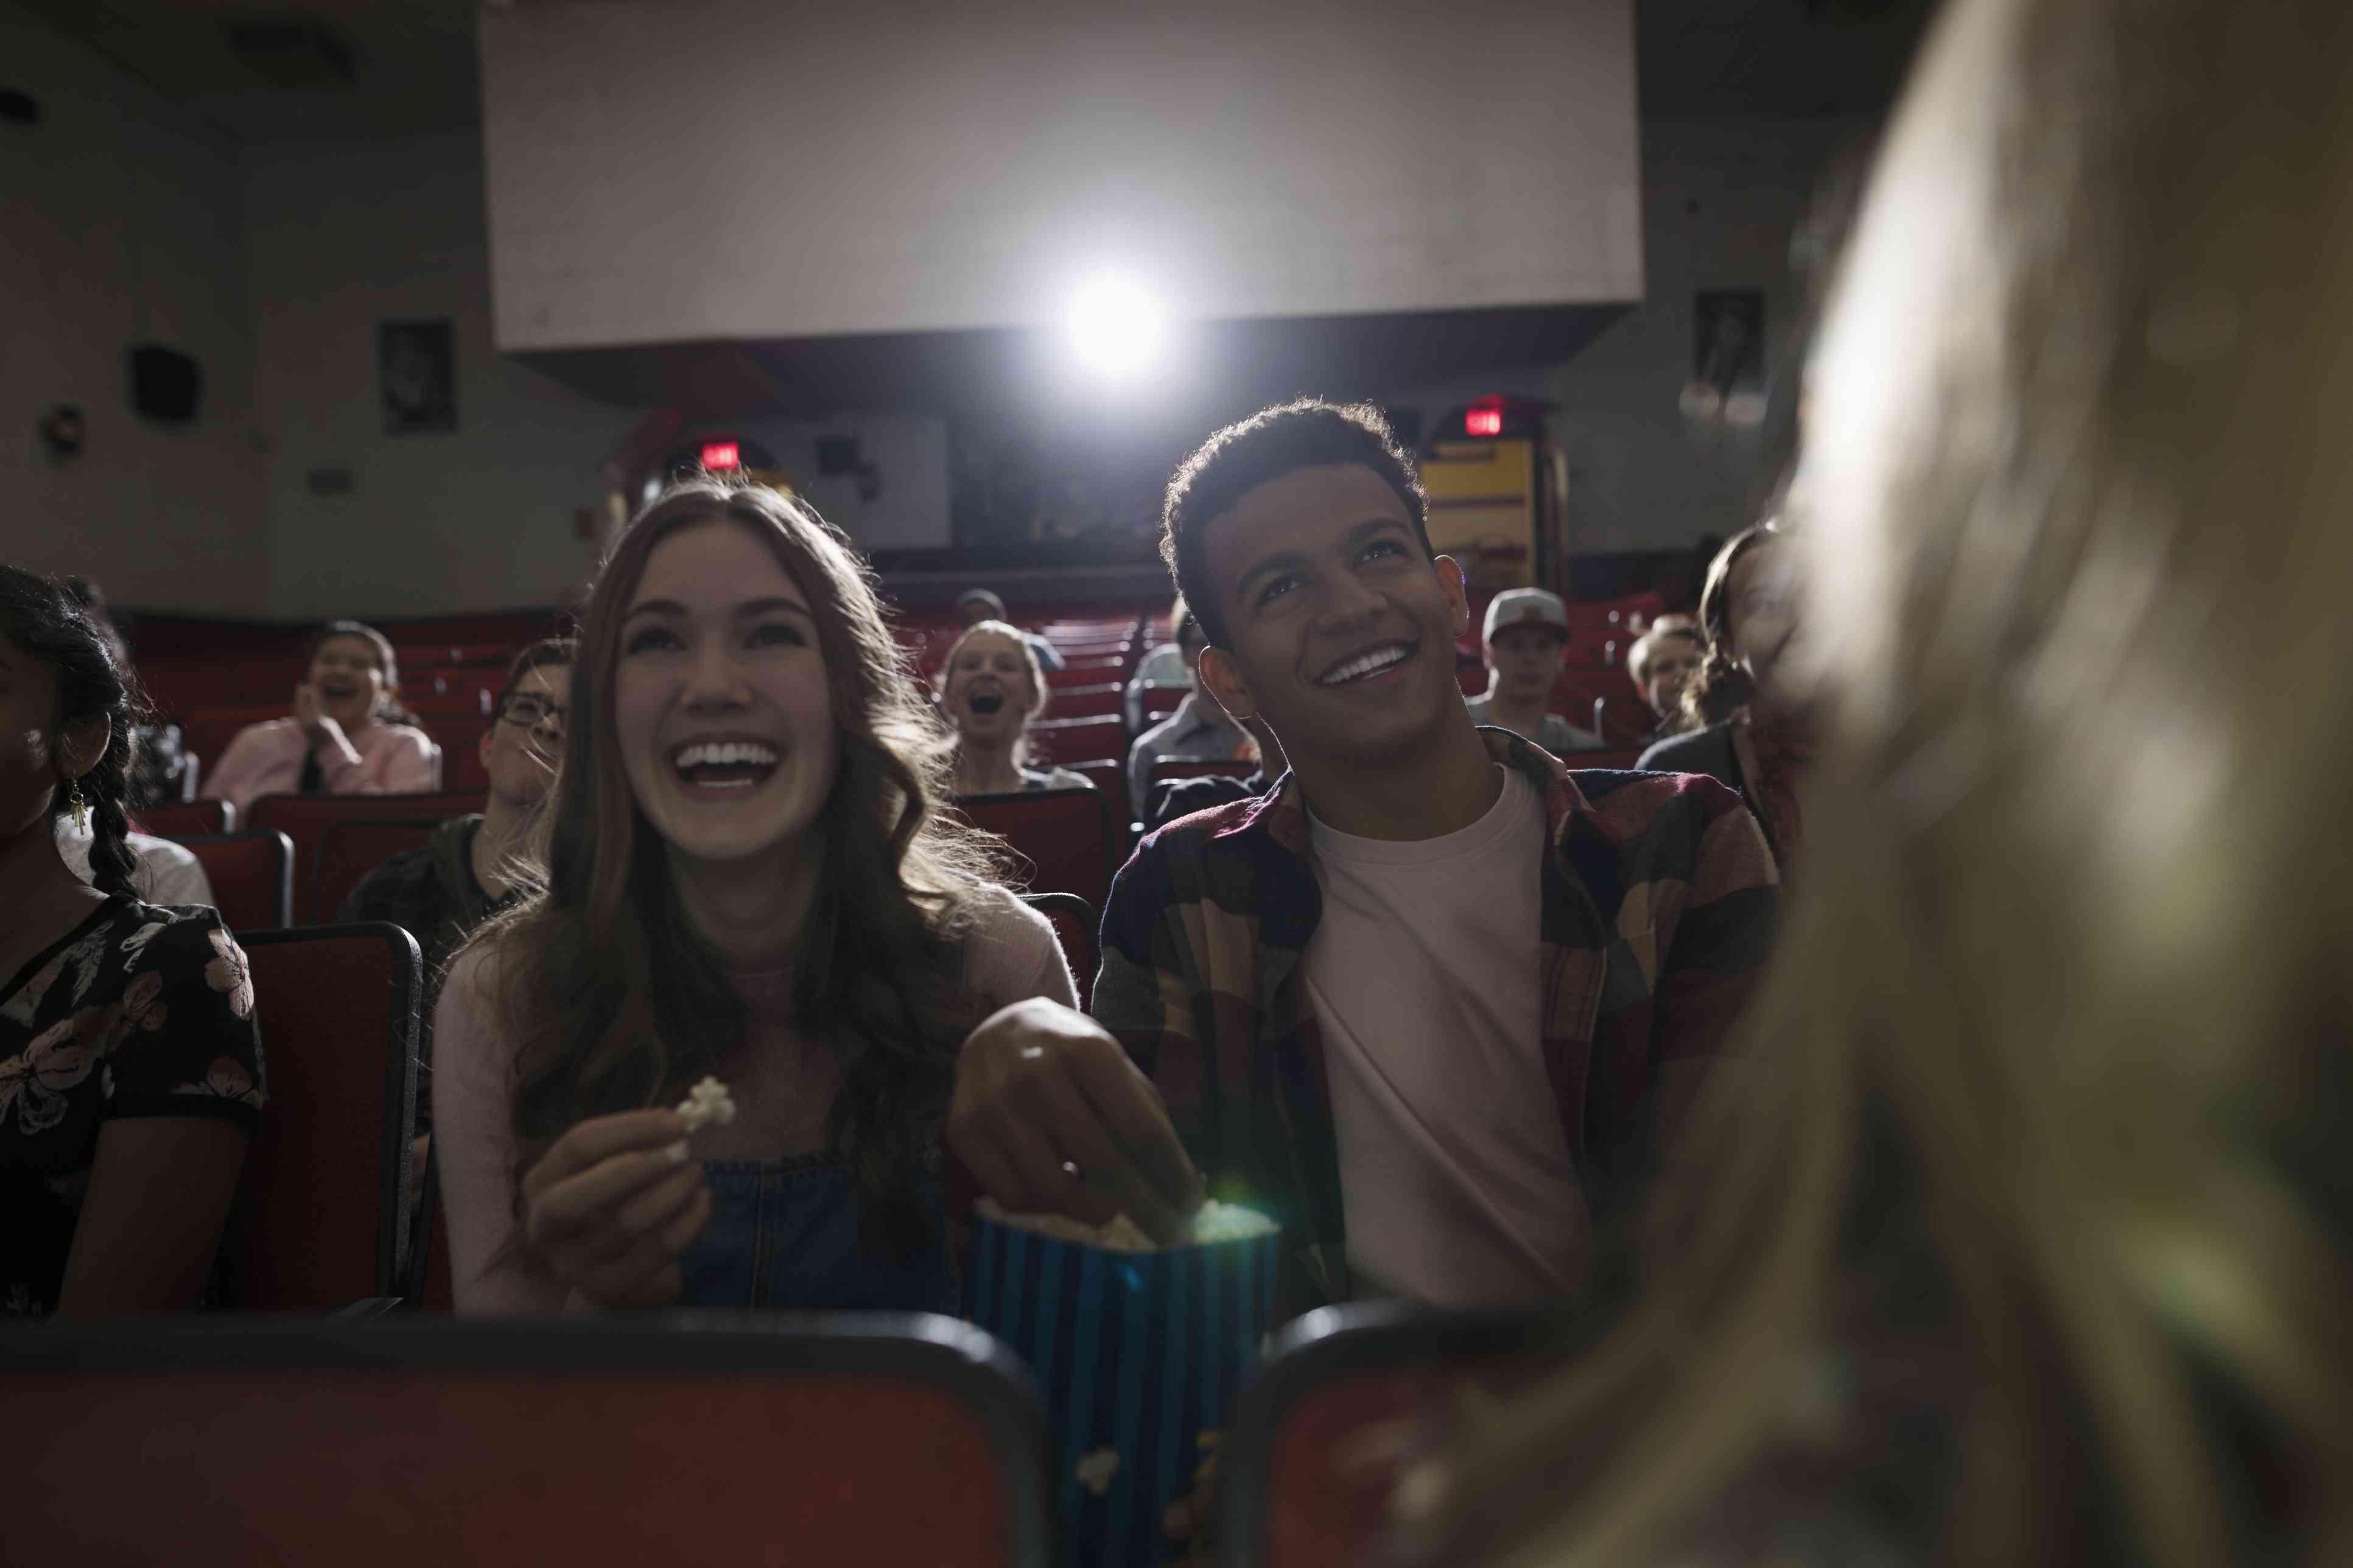 Pareja de adolescentes entre risas comiendo palomitas de maíz, viendo películas en el cine oscuro